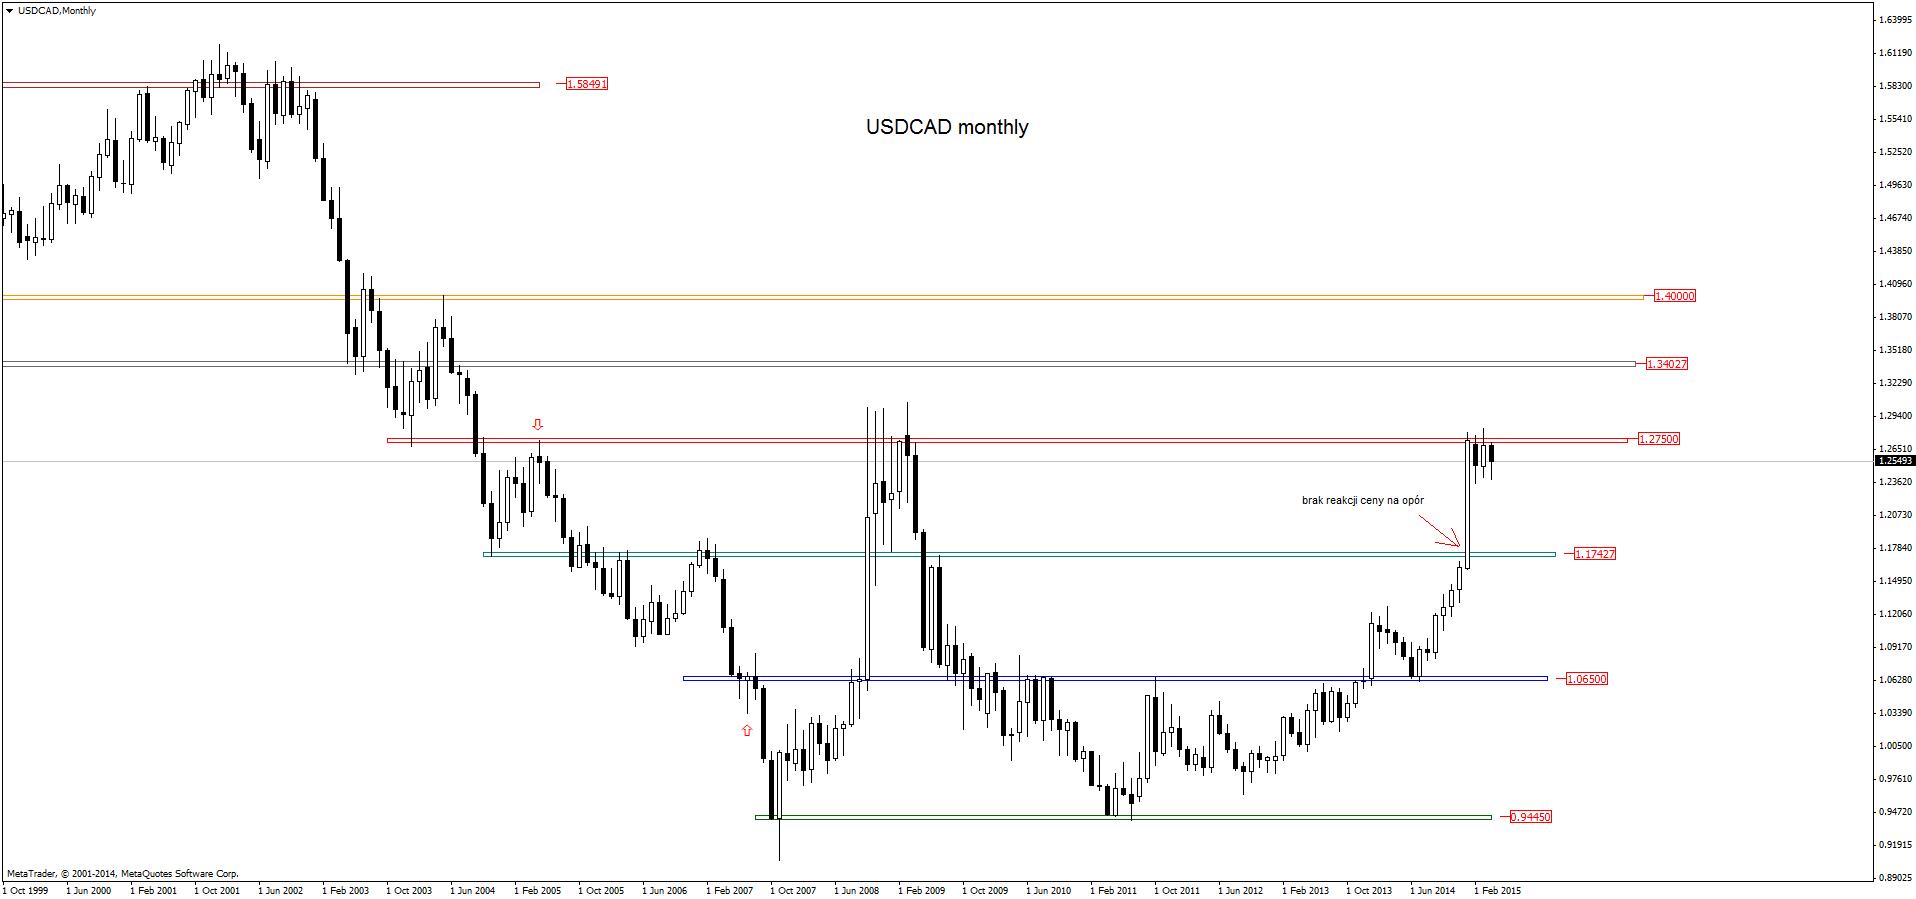 FXMAG forex w poszukiwaniu anatomii konsolidacji usdjpy dolar amerykański jen japoński konsolidacja forex usd/cad usd/jpy price action 7